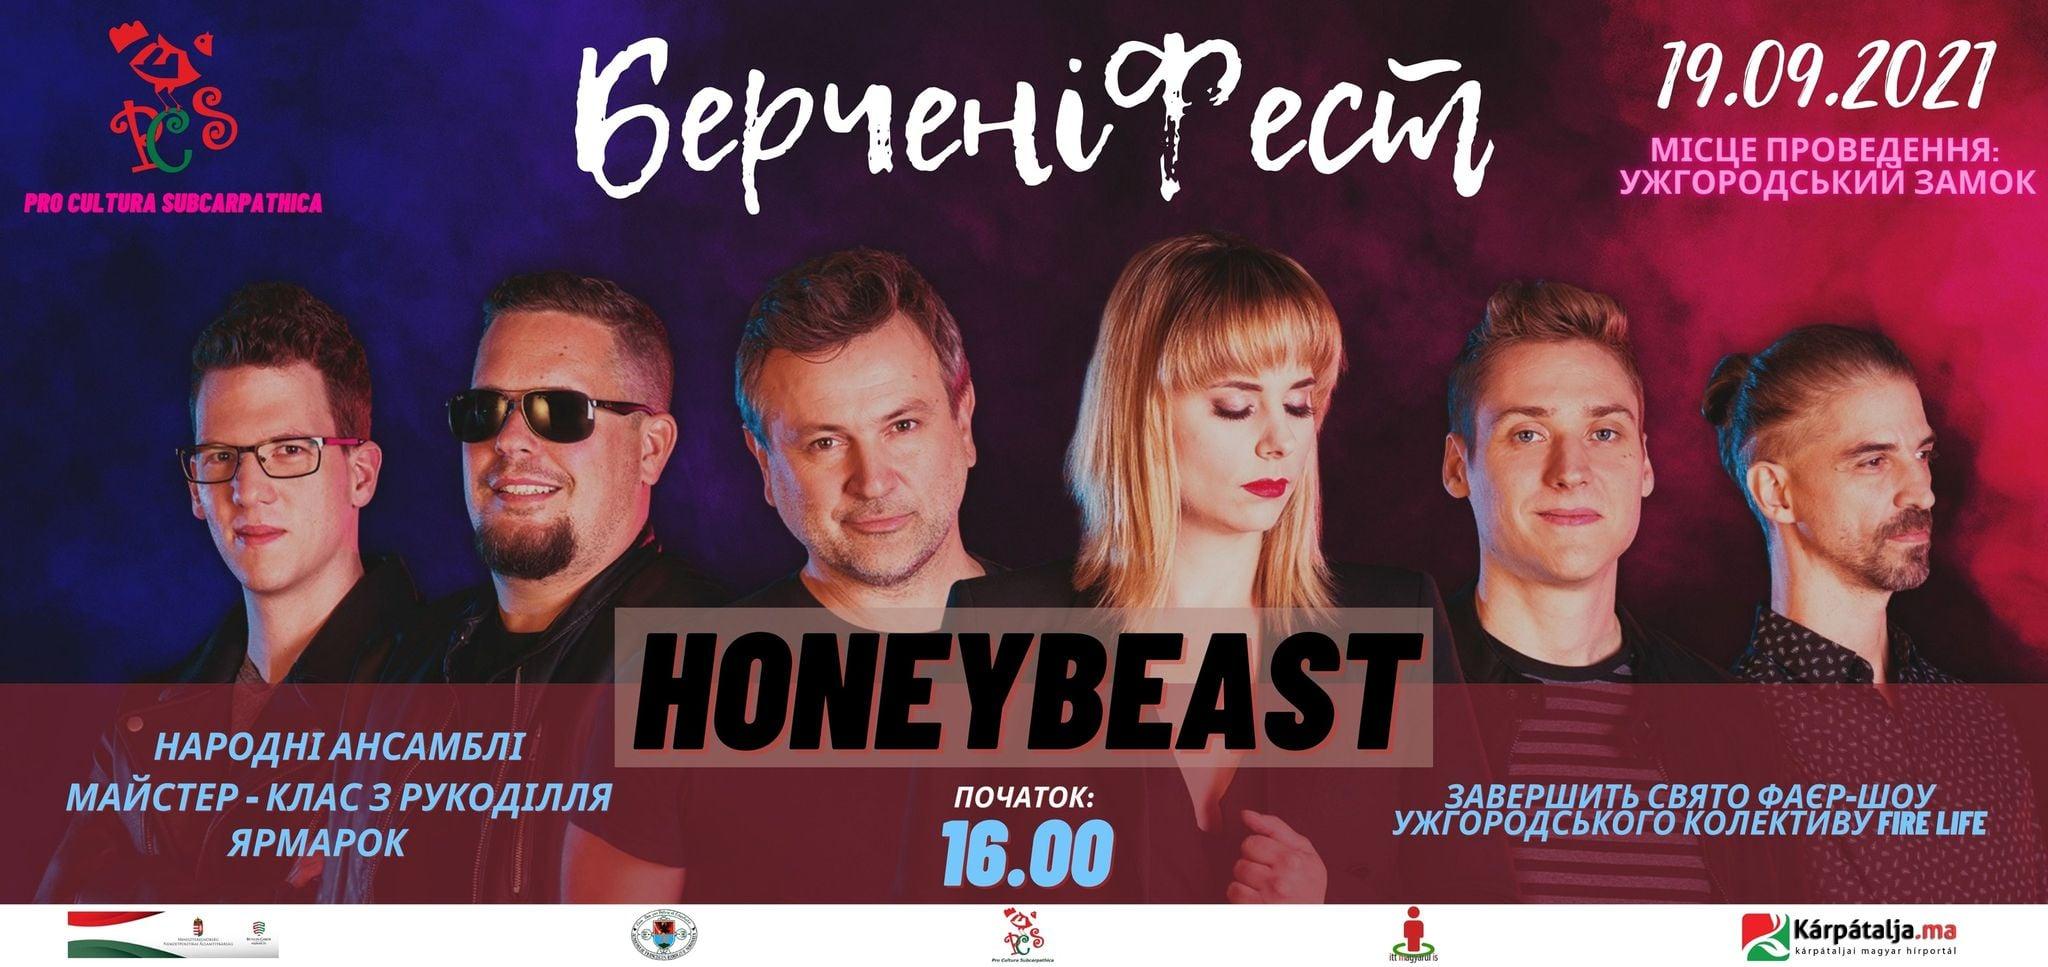 """У неділю в Ужгородському замку відбудеться """"Берчені фест"""""""